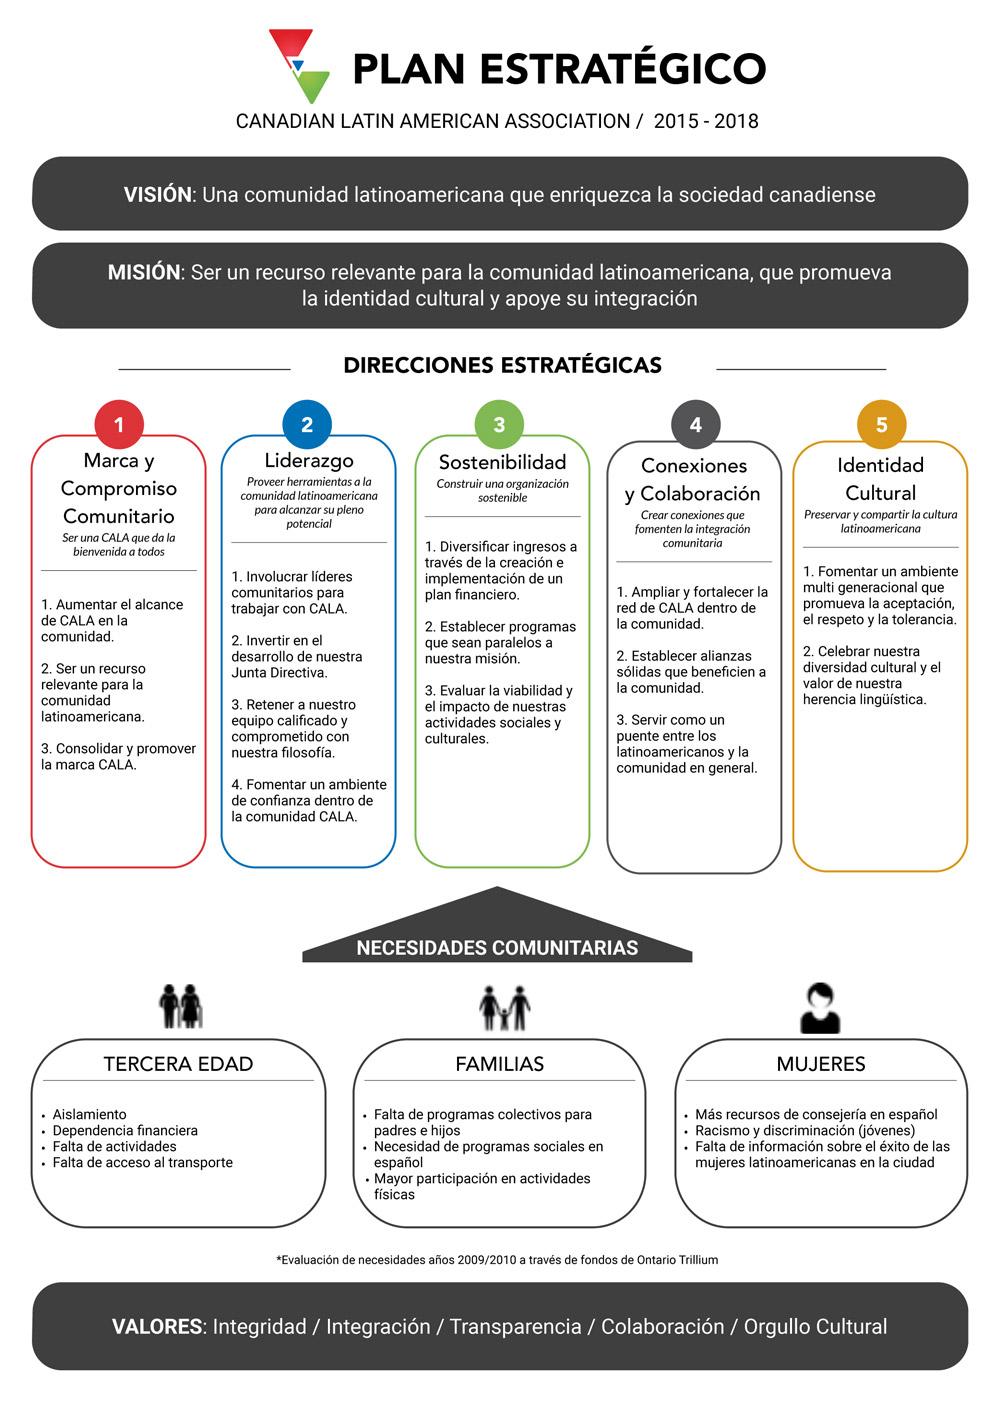 strategymap_cala_spa